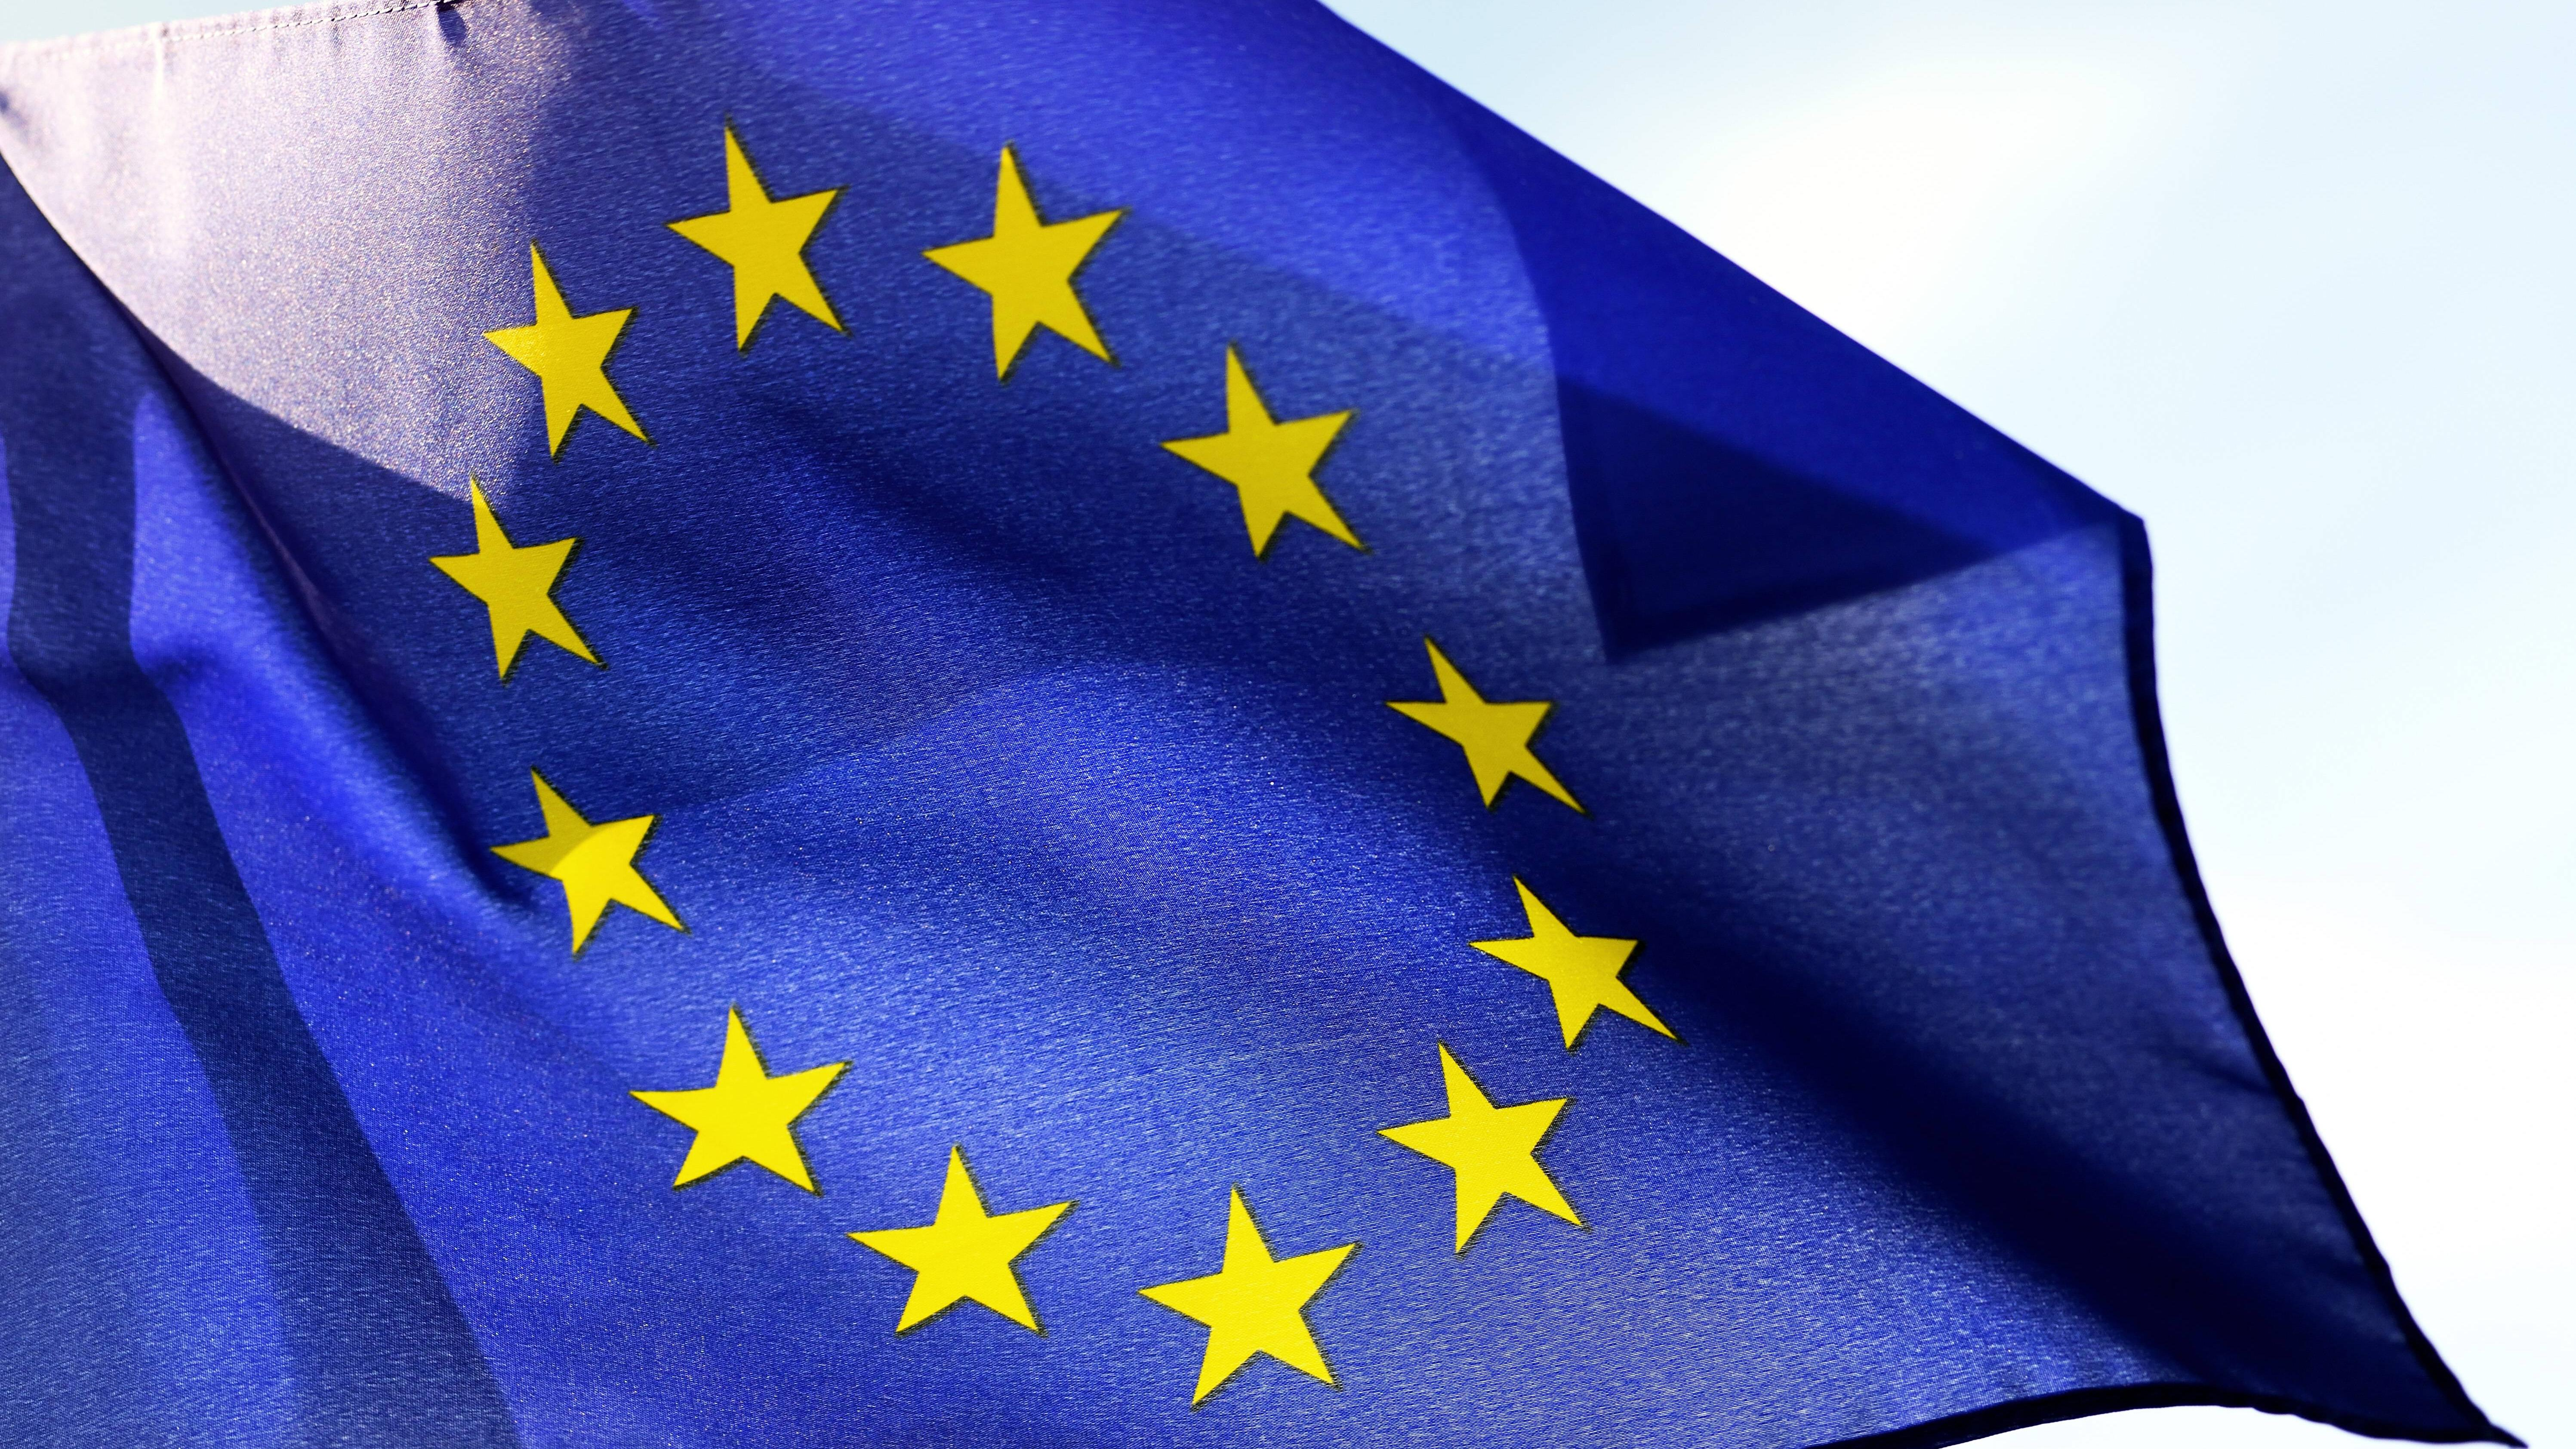 Die 12 Sterne der Europaflagge stehen nicht für EU-Mitgliedsstaaten, sondern für alle europäischen Völker